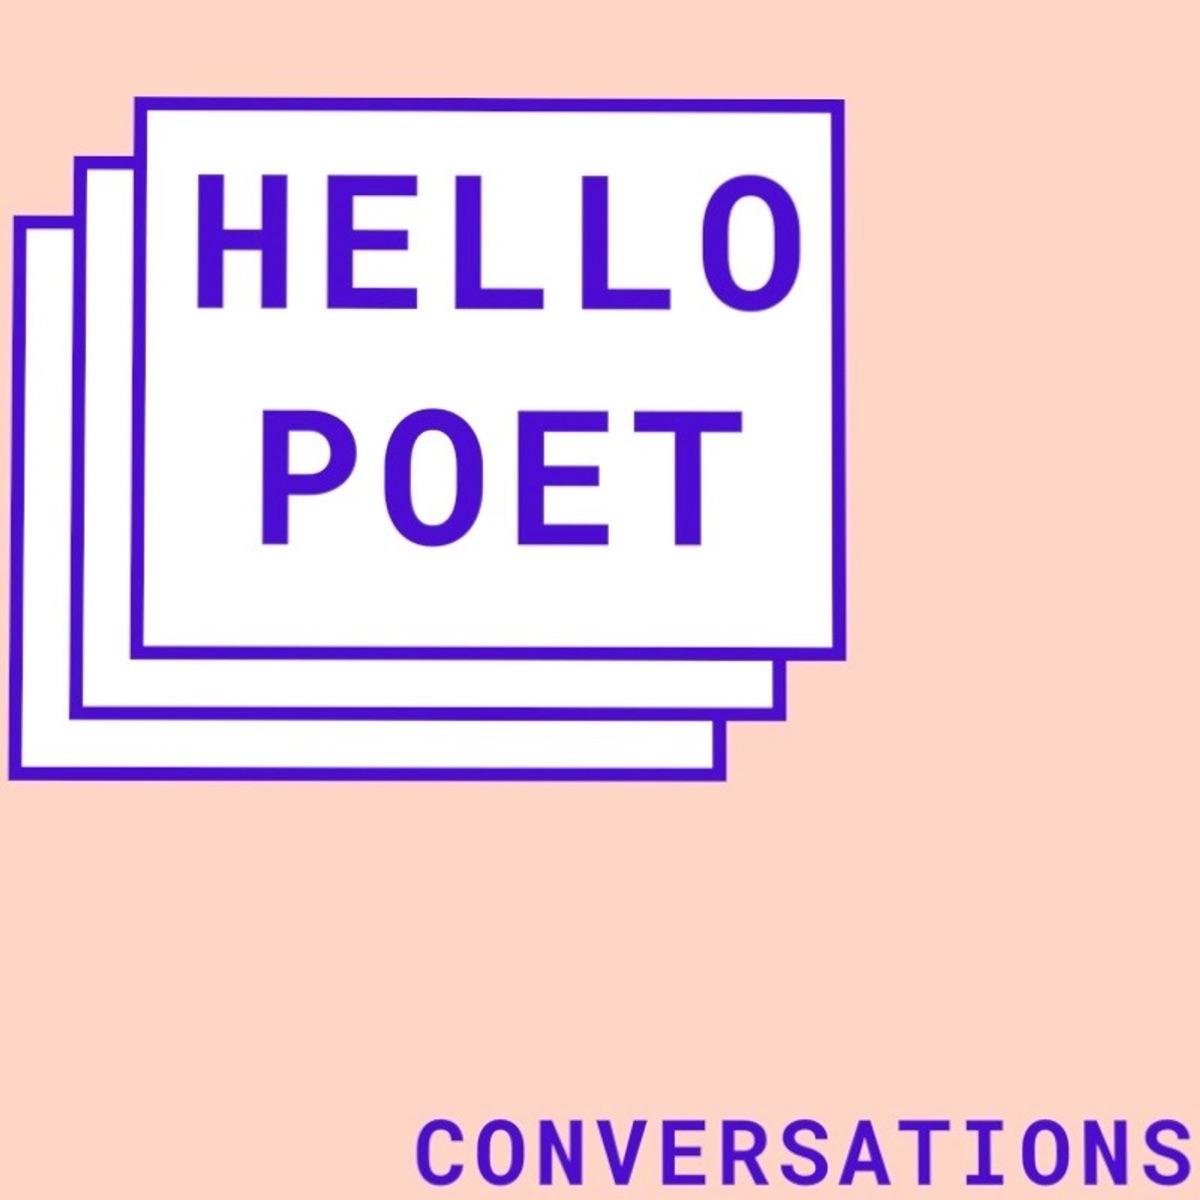 Hello Poet